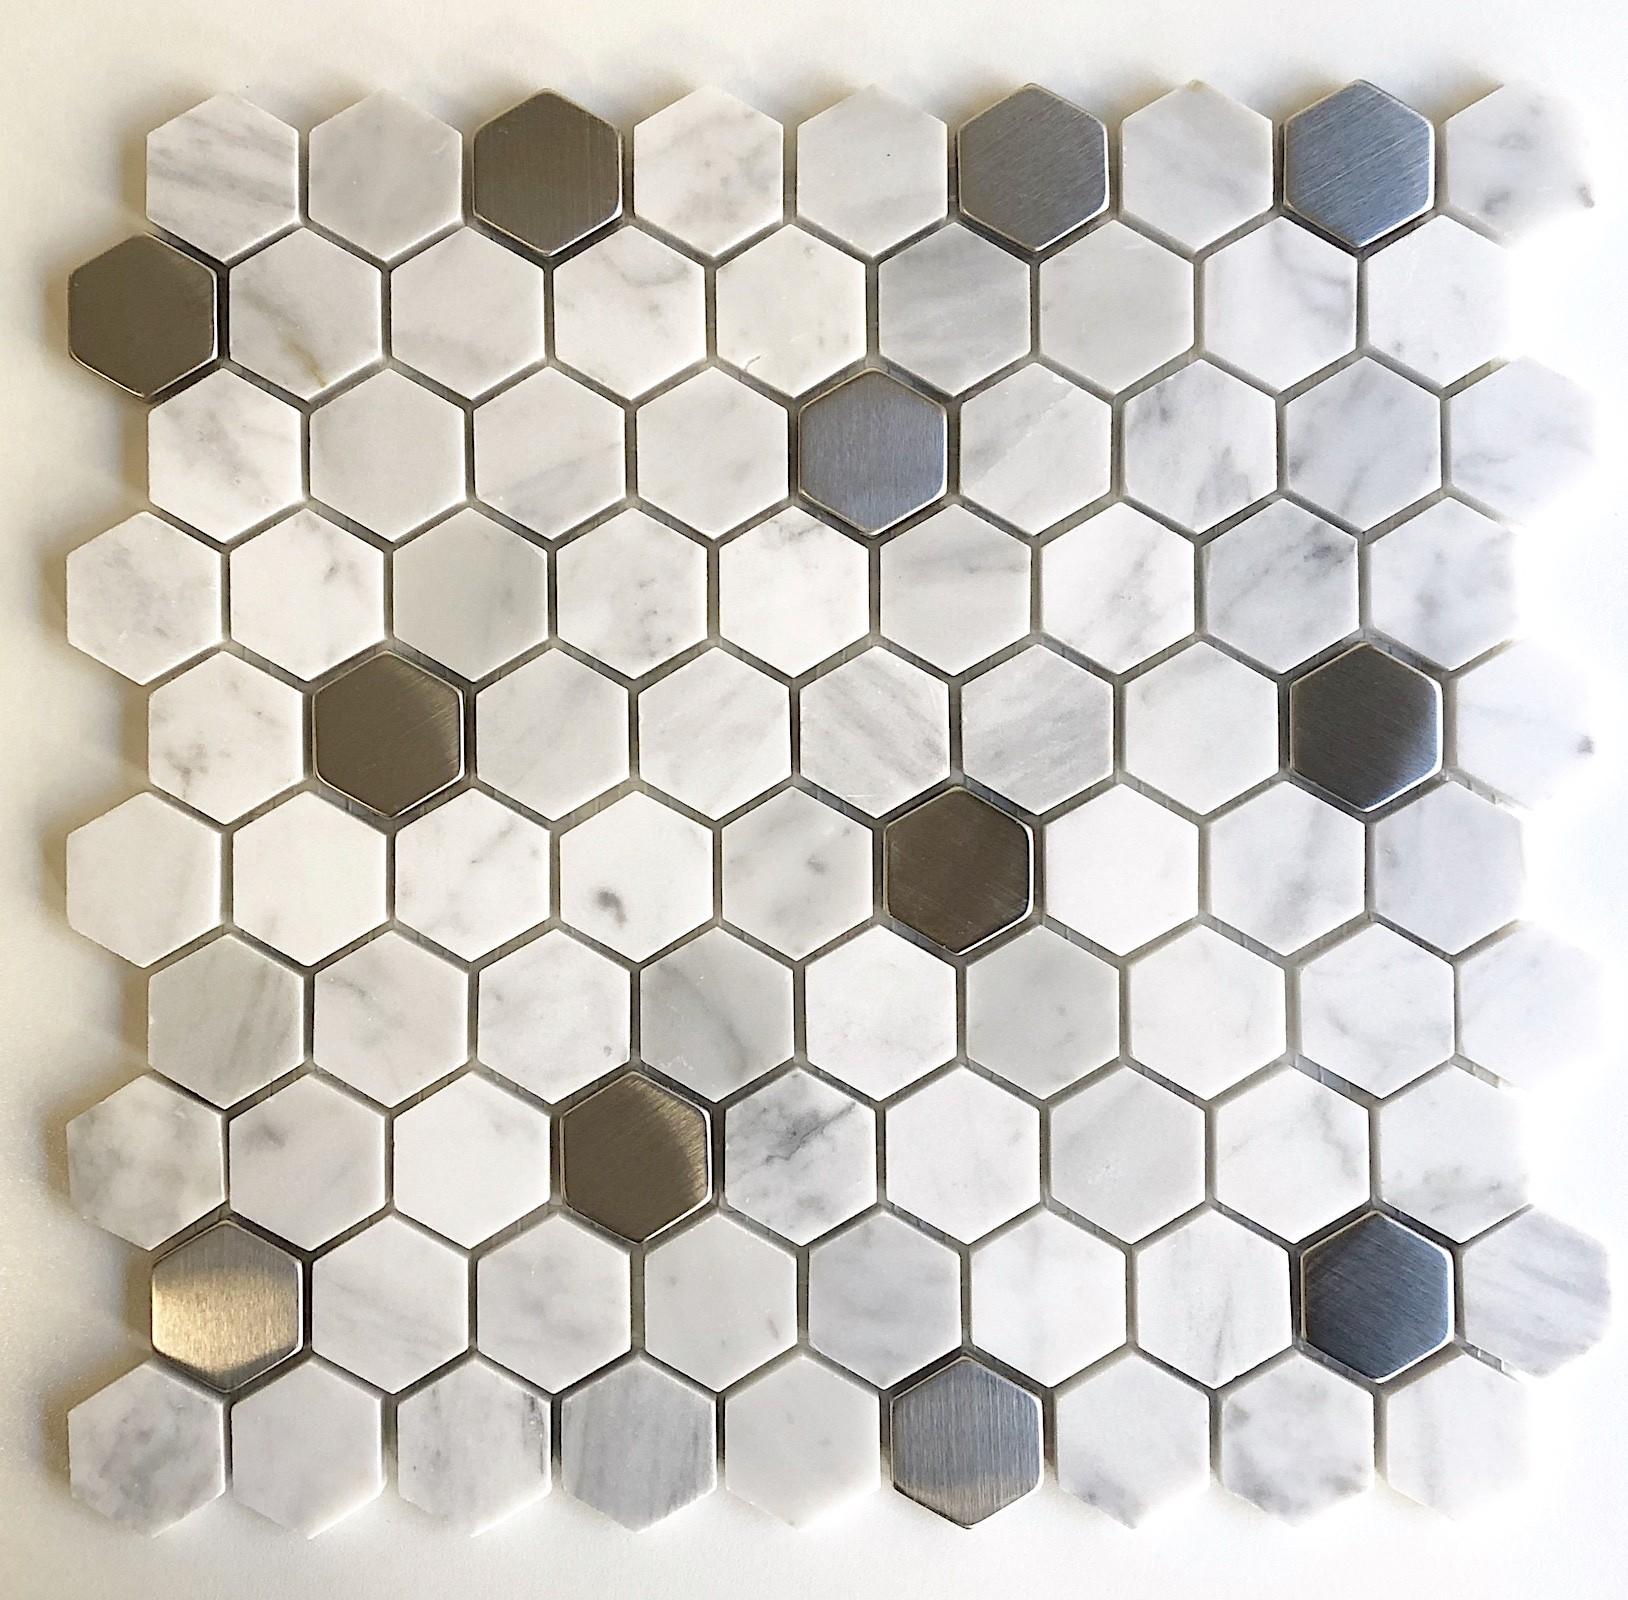 Carrelage Salle De Bain Avec Mosaique faience hexagonnale cuisine carrelage salle de bain marbre